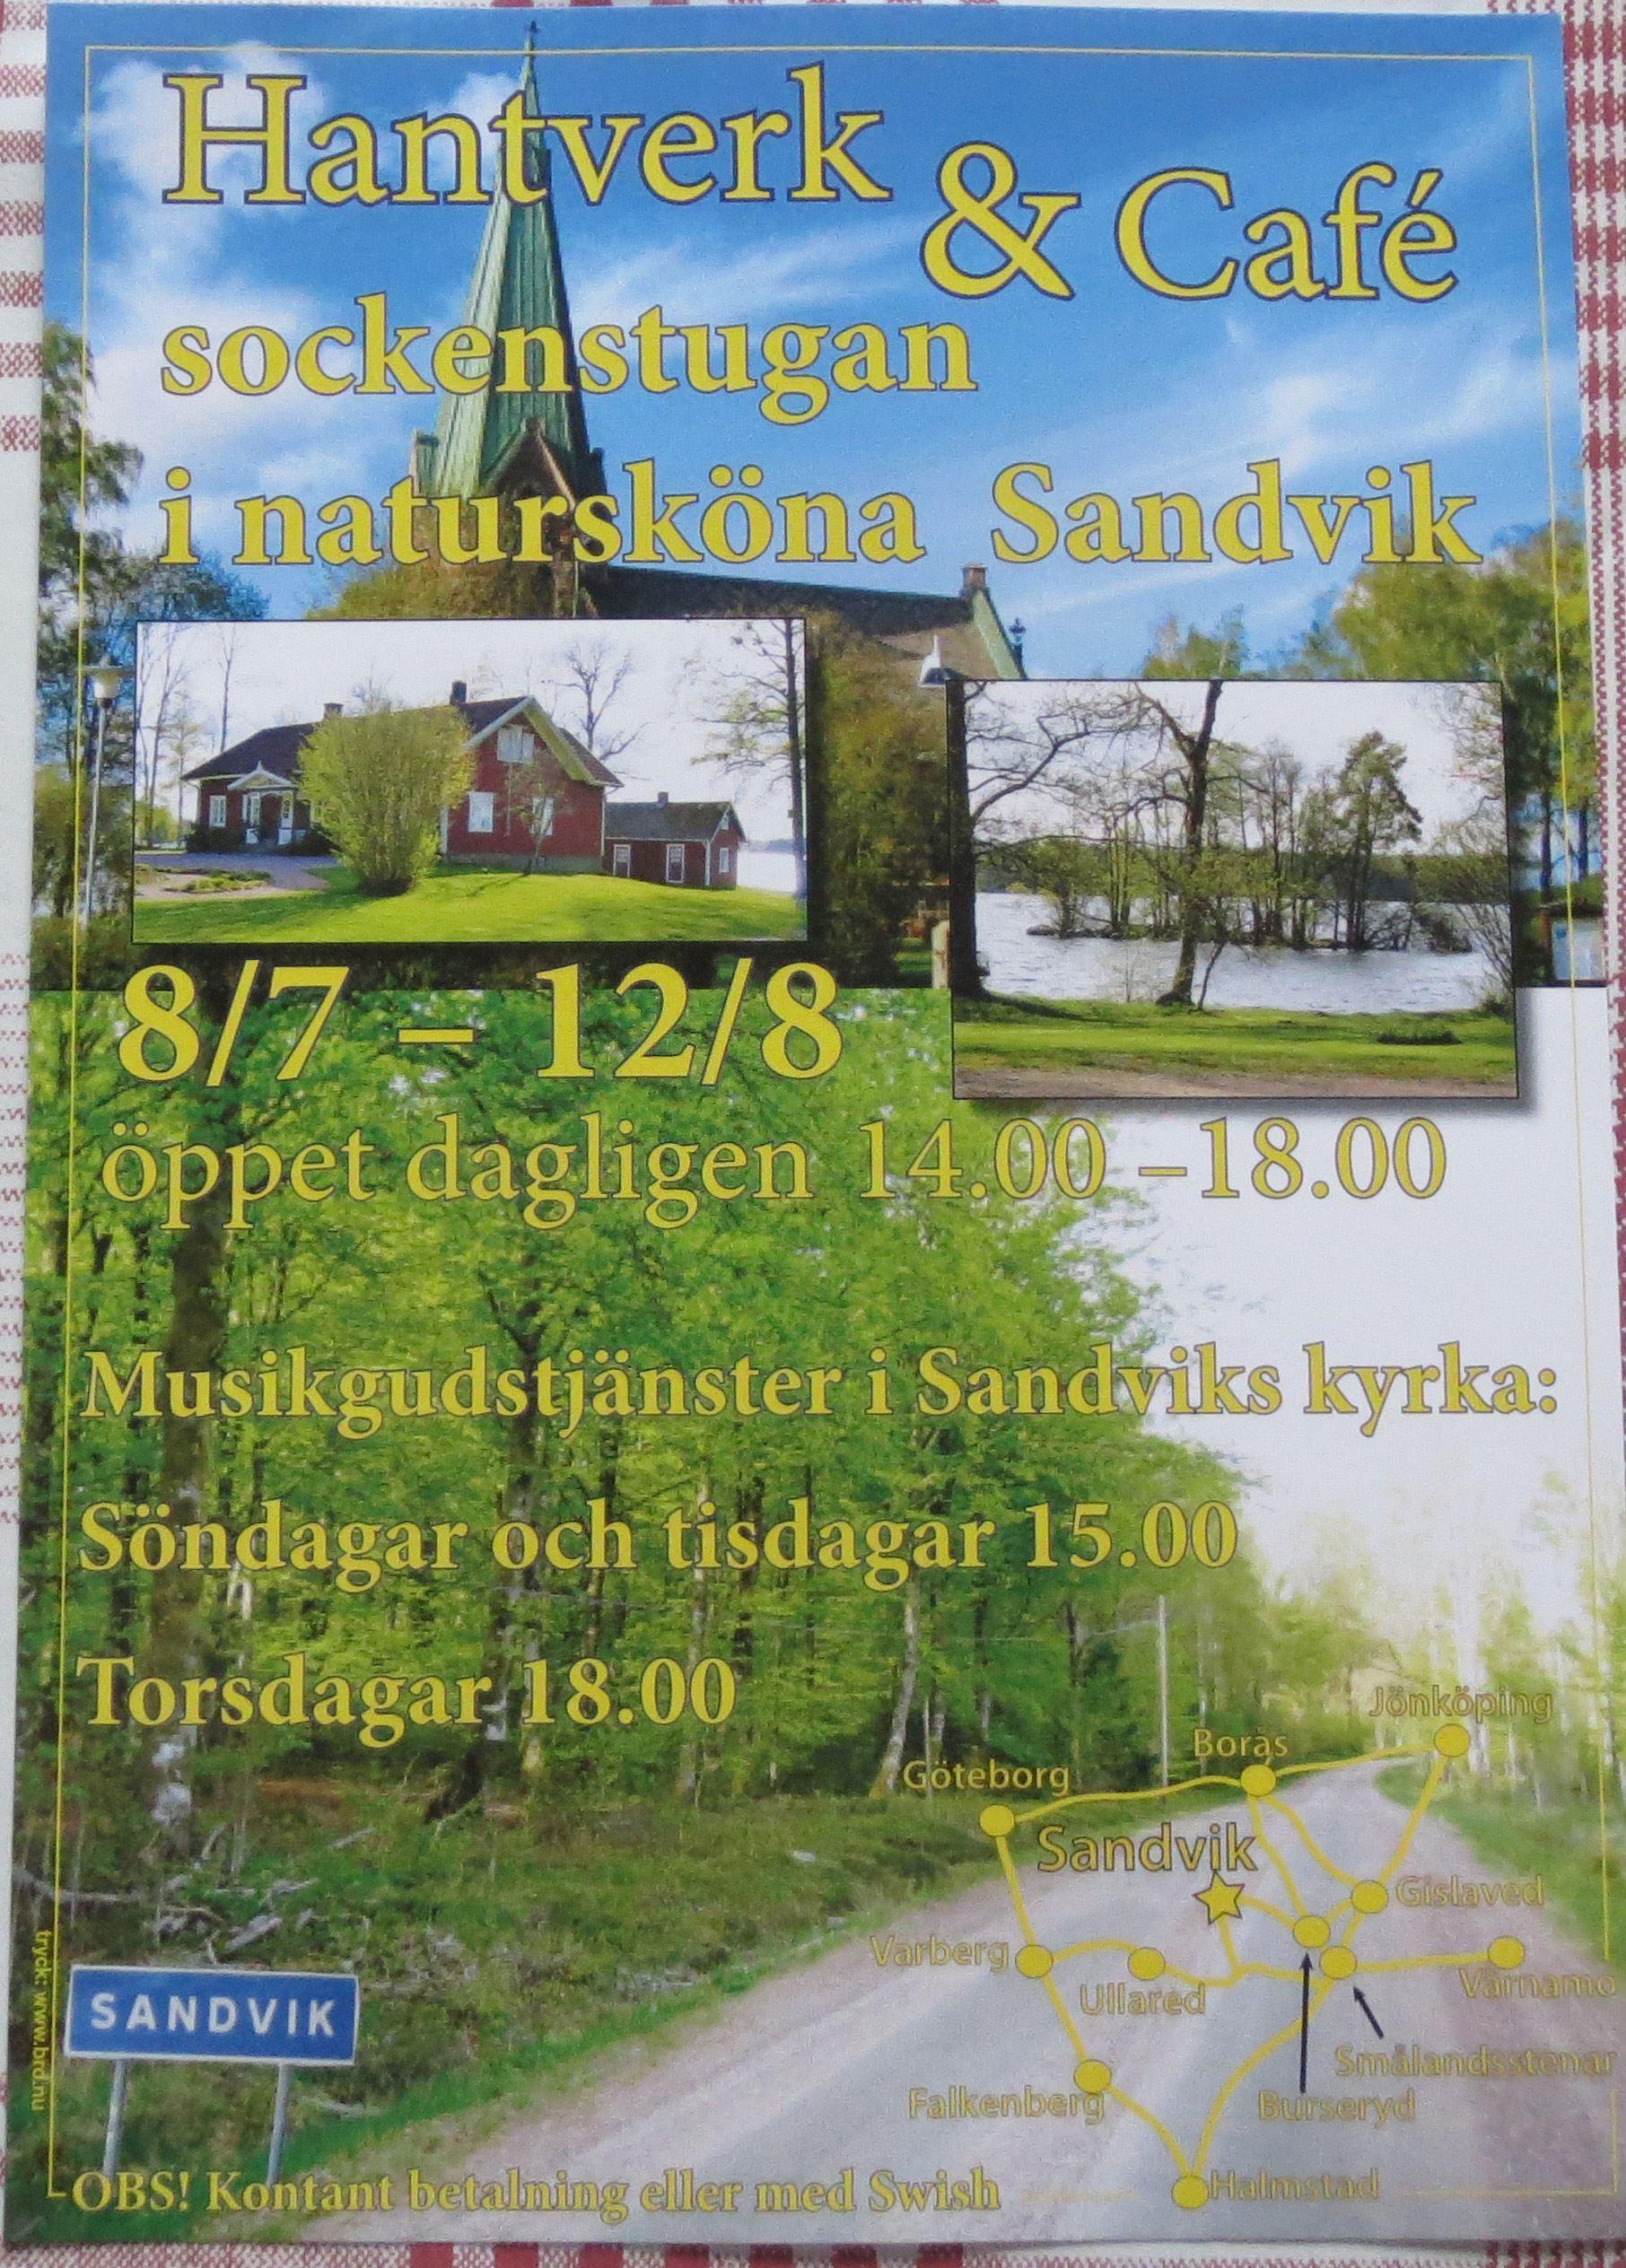 Hantverk & Café i Sandvik